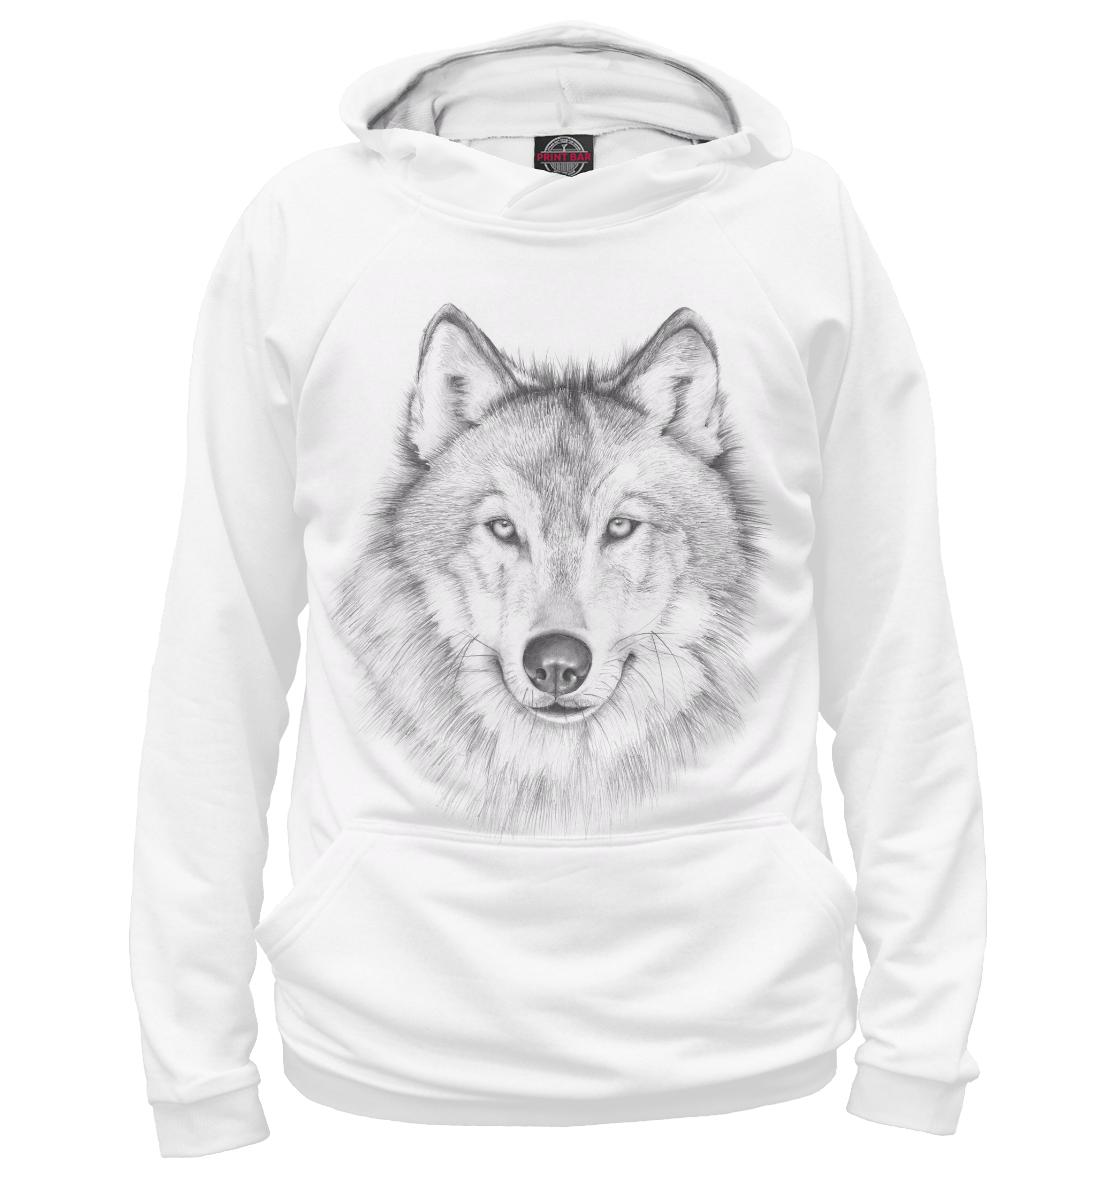 Купить Волк, Printbar, Худи, VLF-639715-hud-1